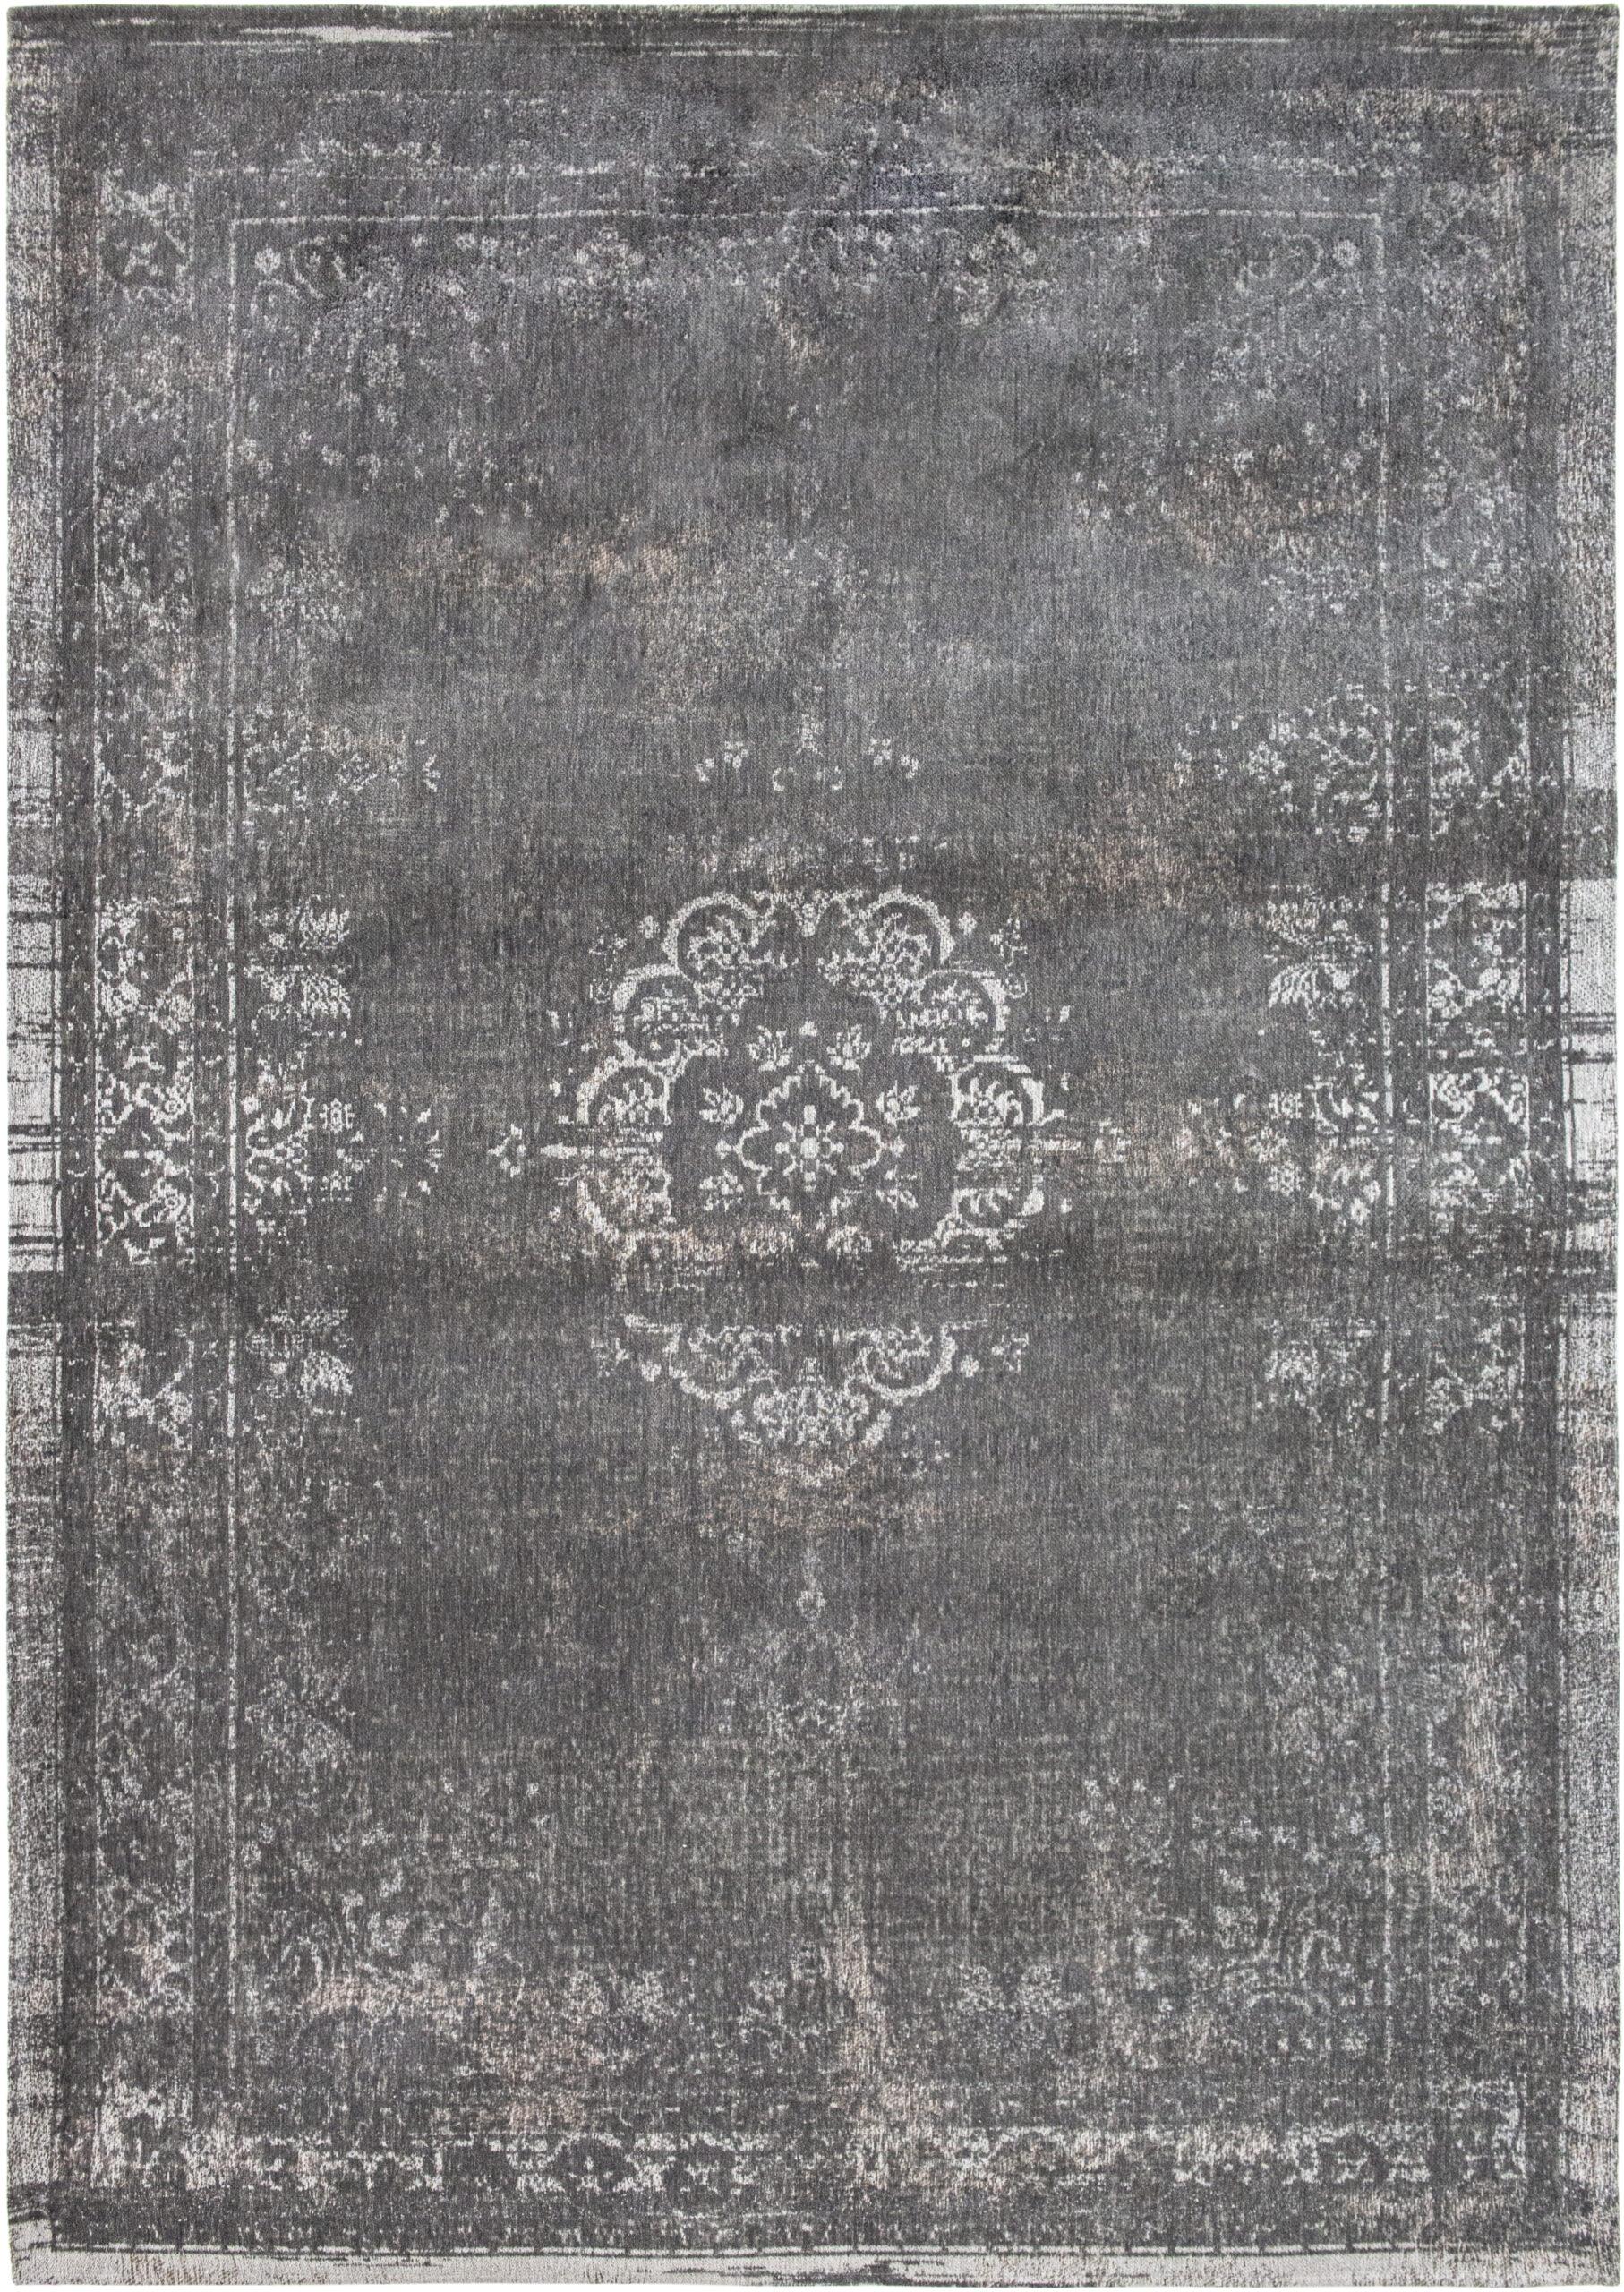 Szary Dywan Klasyczny - STONE 9148 - Rozmiar: 80x150 cm